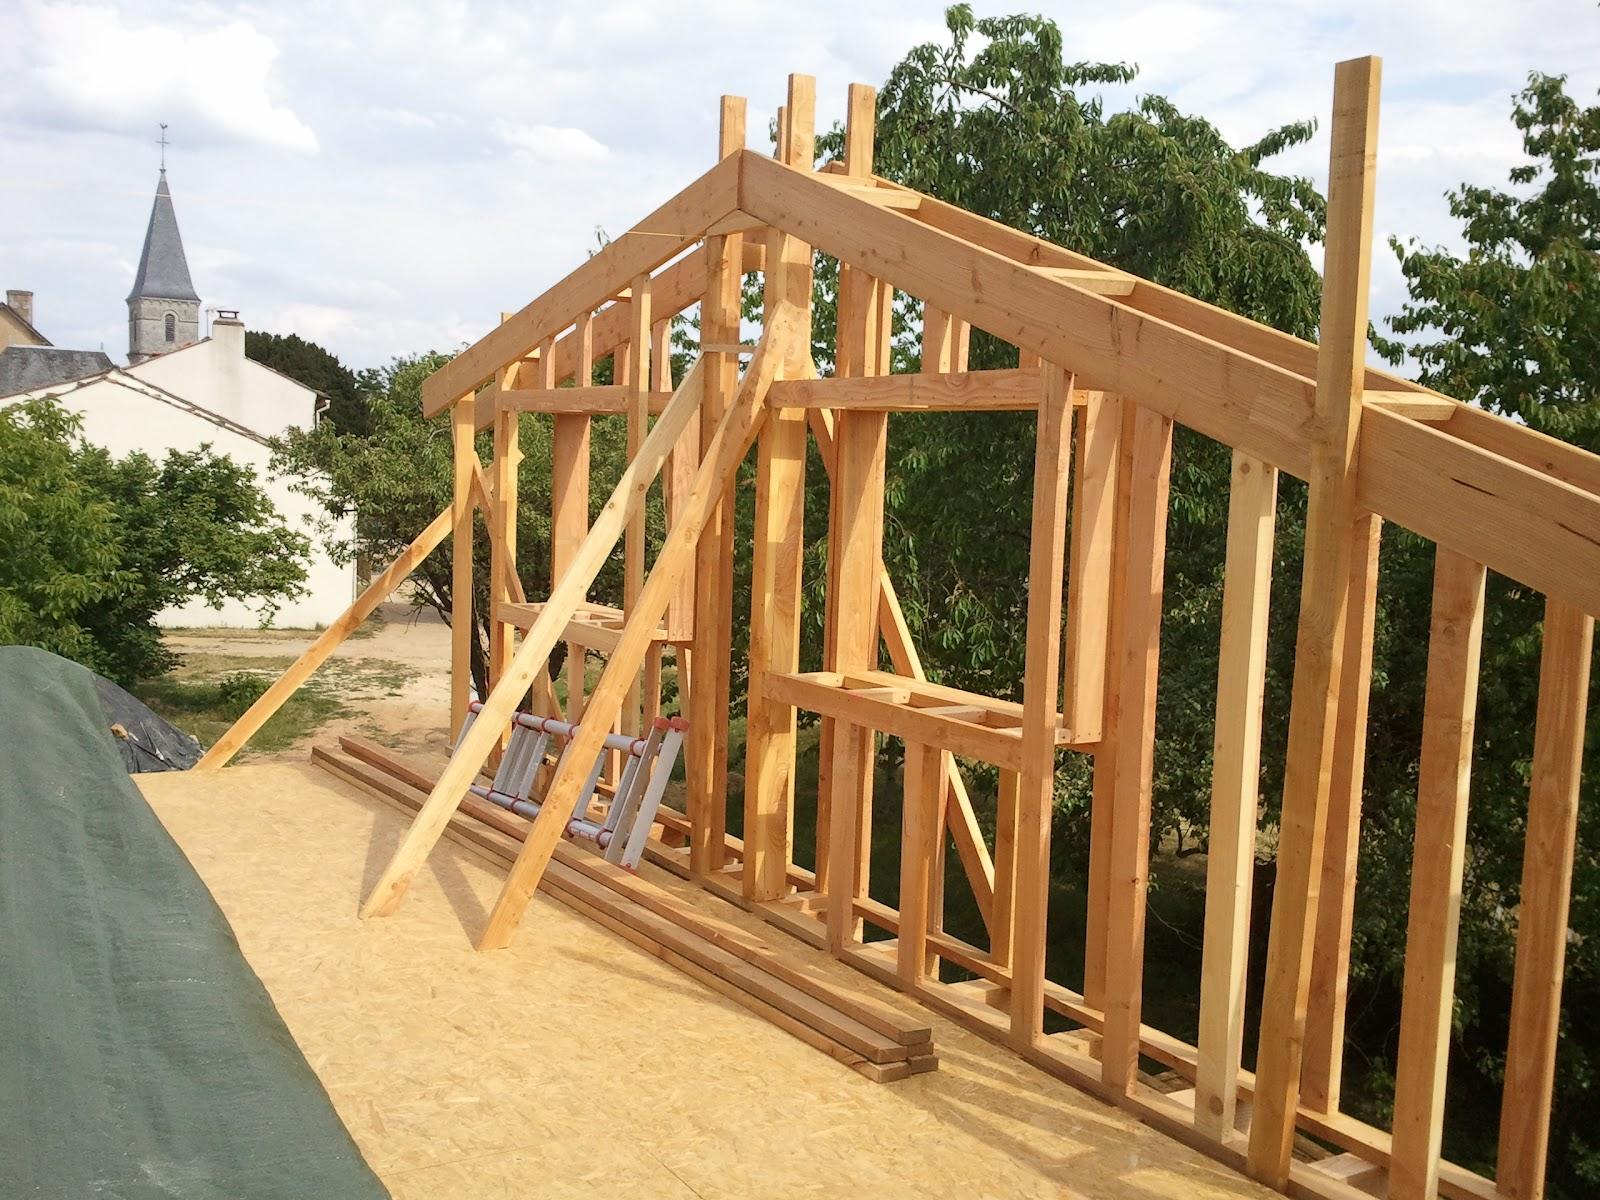 Notre maison ossature bois isolation paille  On avance l'ossature de l'étage # Comment Construire Une Maison Ossature Bois